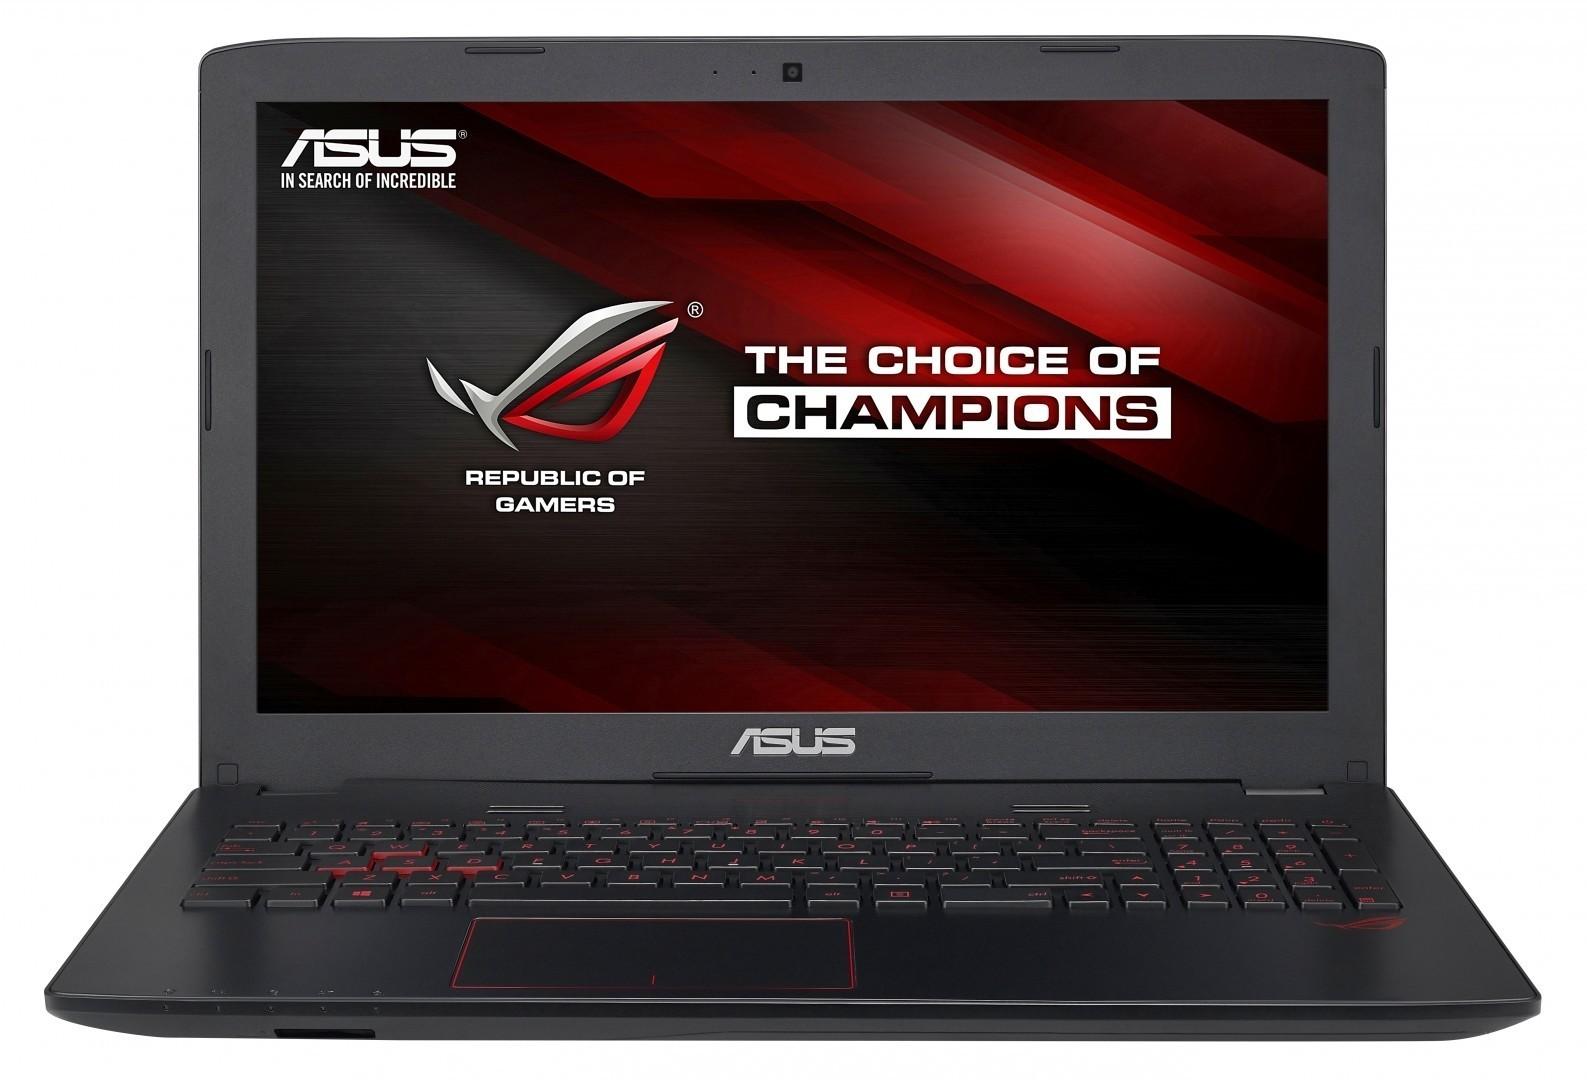 """Opinie o Asus GL552VW-XO169T 15,6"""", Core i5 2,3GHz, 4GB RAM, 1000GB HDD (GL552VW-XO169T)"""